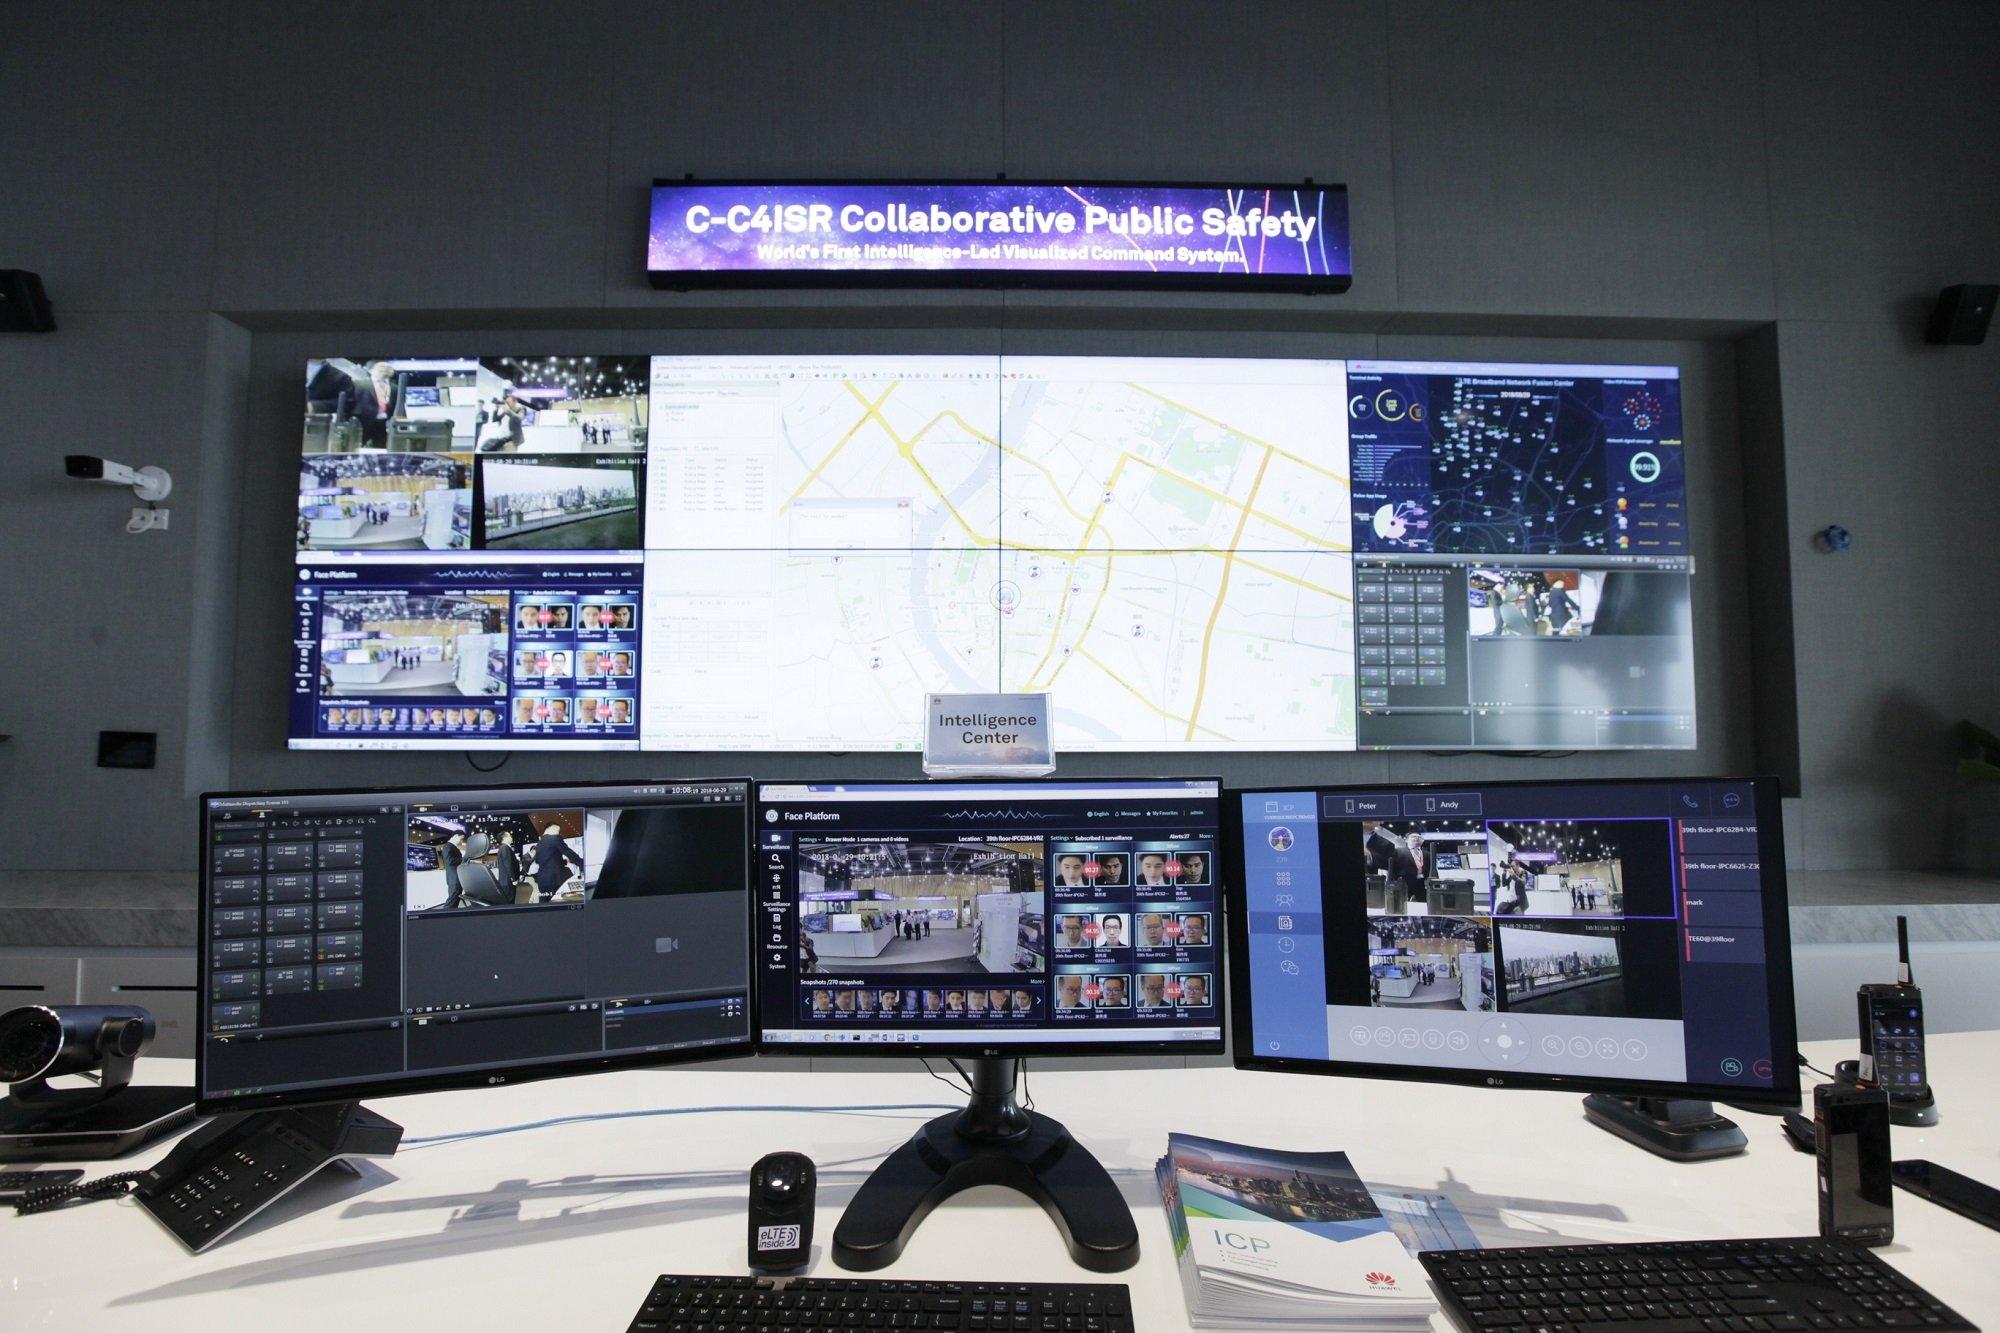 หัวเว่ยเปิดตัวโซลูชั่น Safe City Compact สร้างความปลอดภัยให้เมืองขนาดกลางและขนาดย่อม 13 -